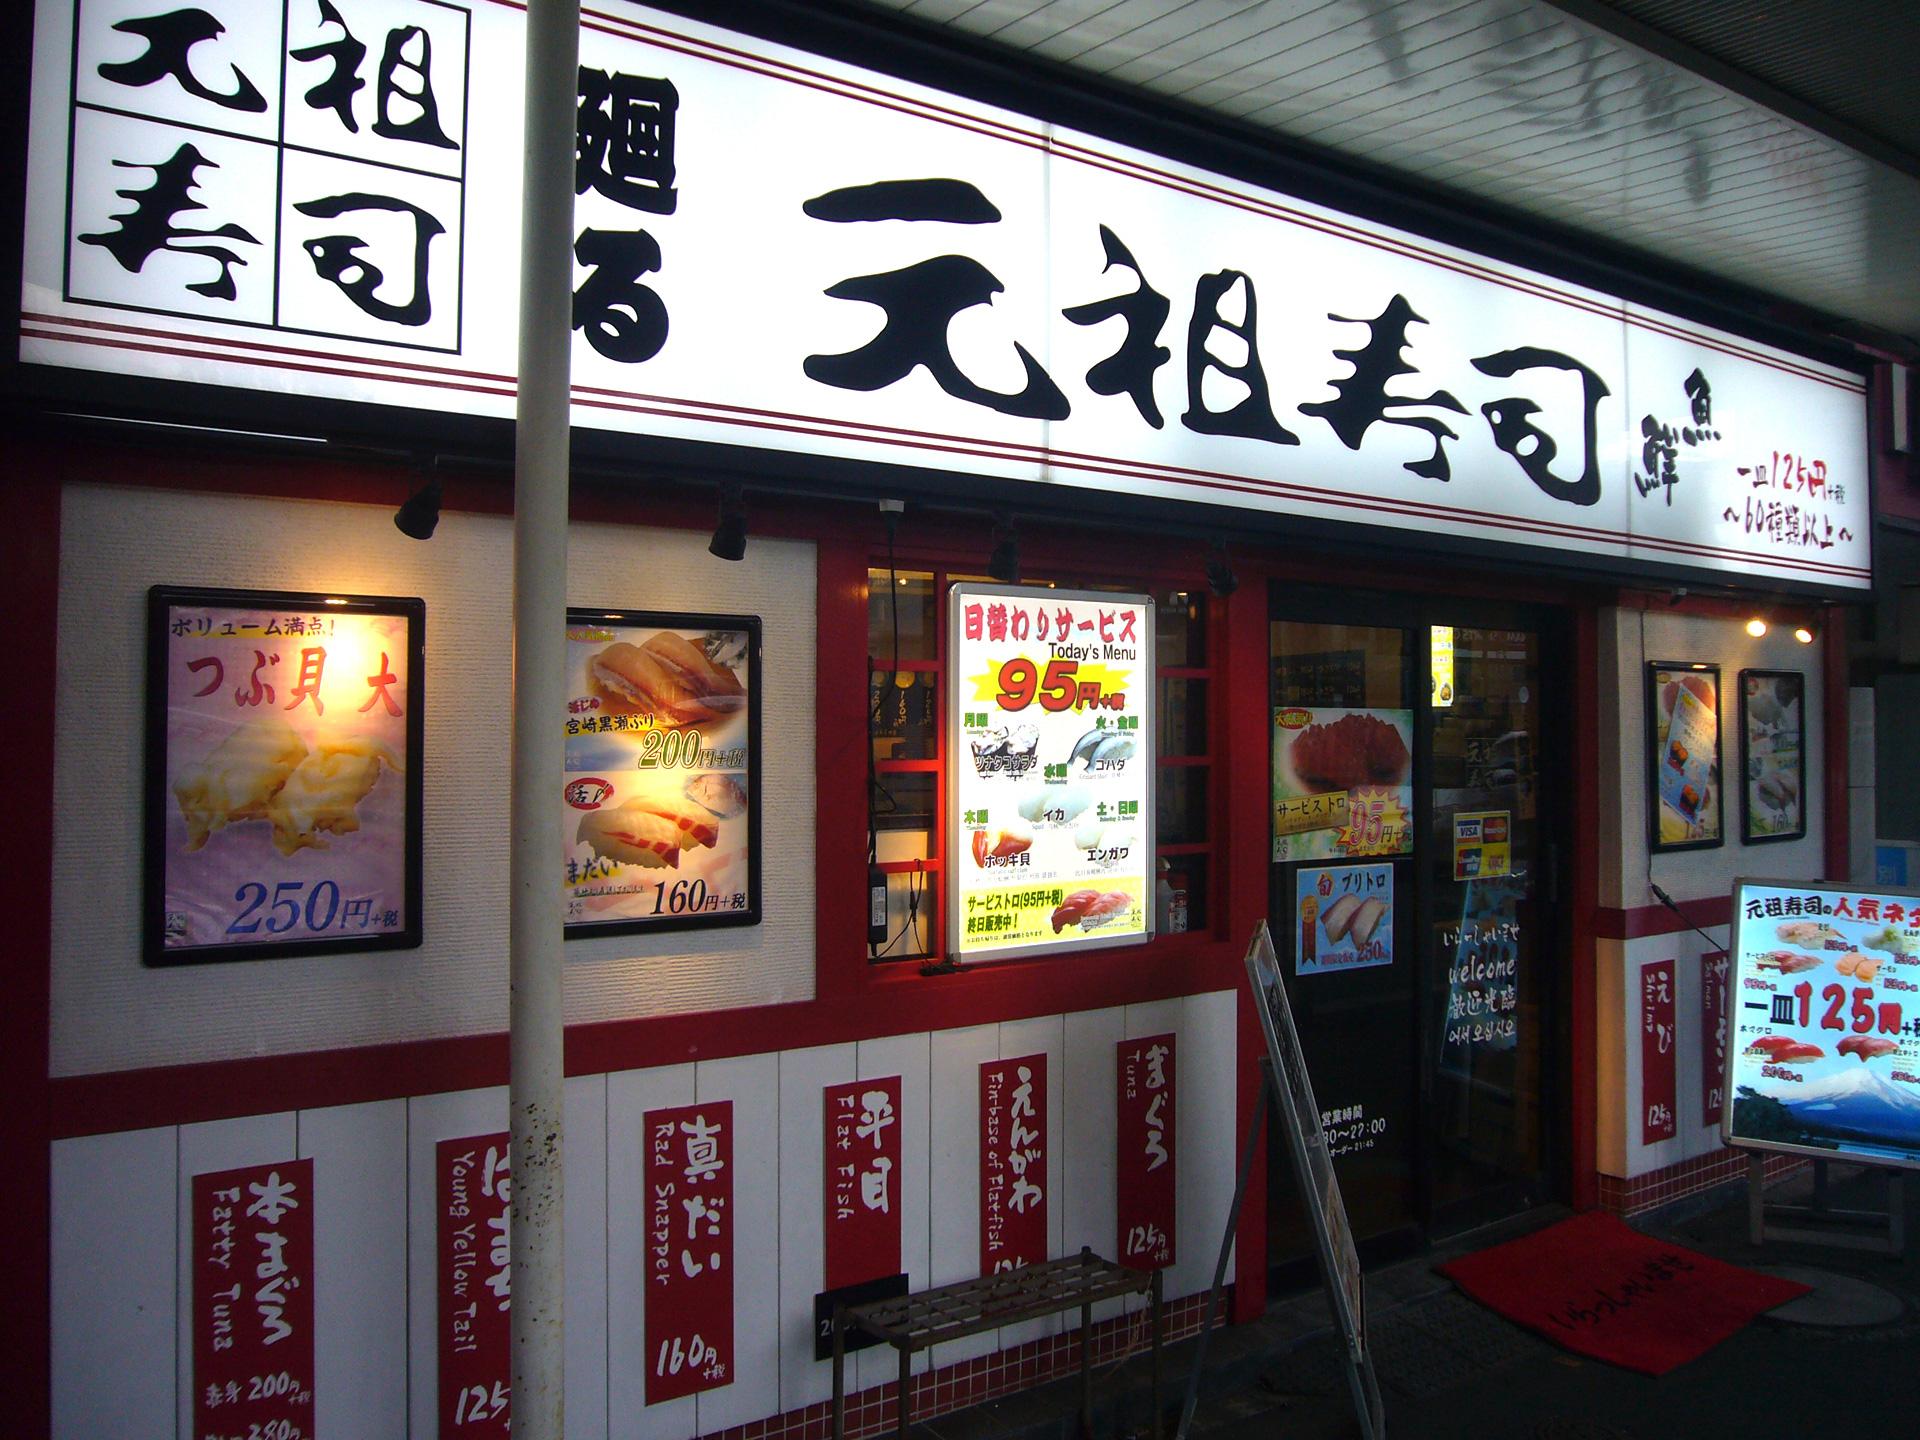 元祖寿司 荻窪駅前店